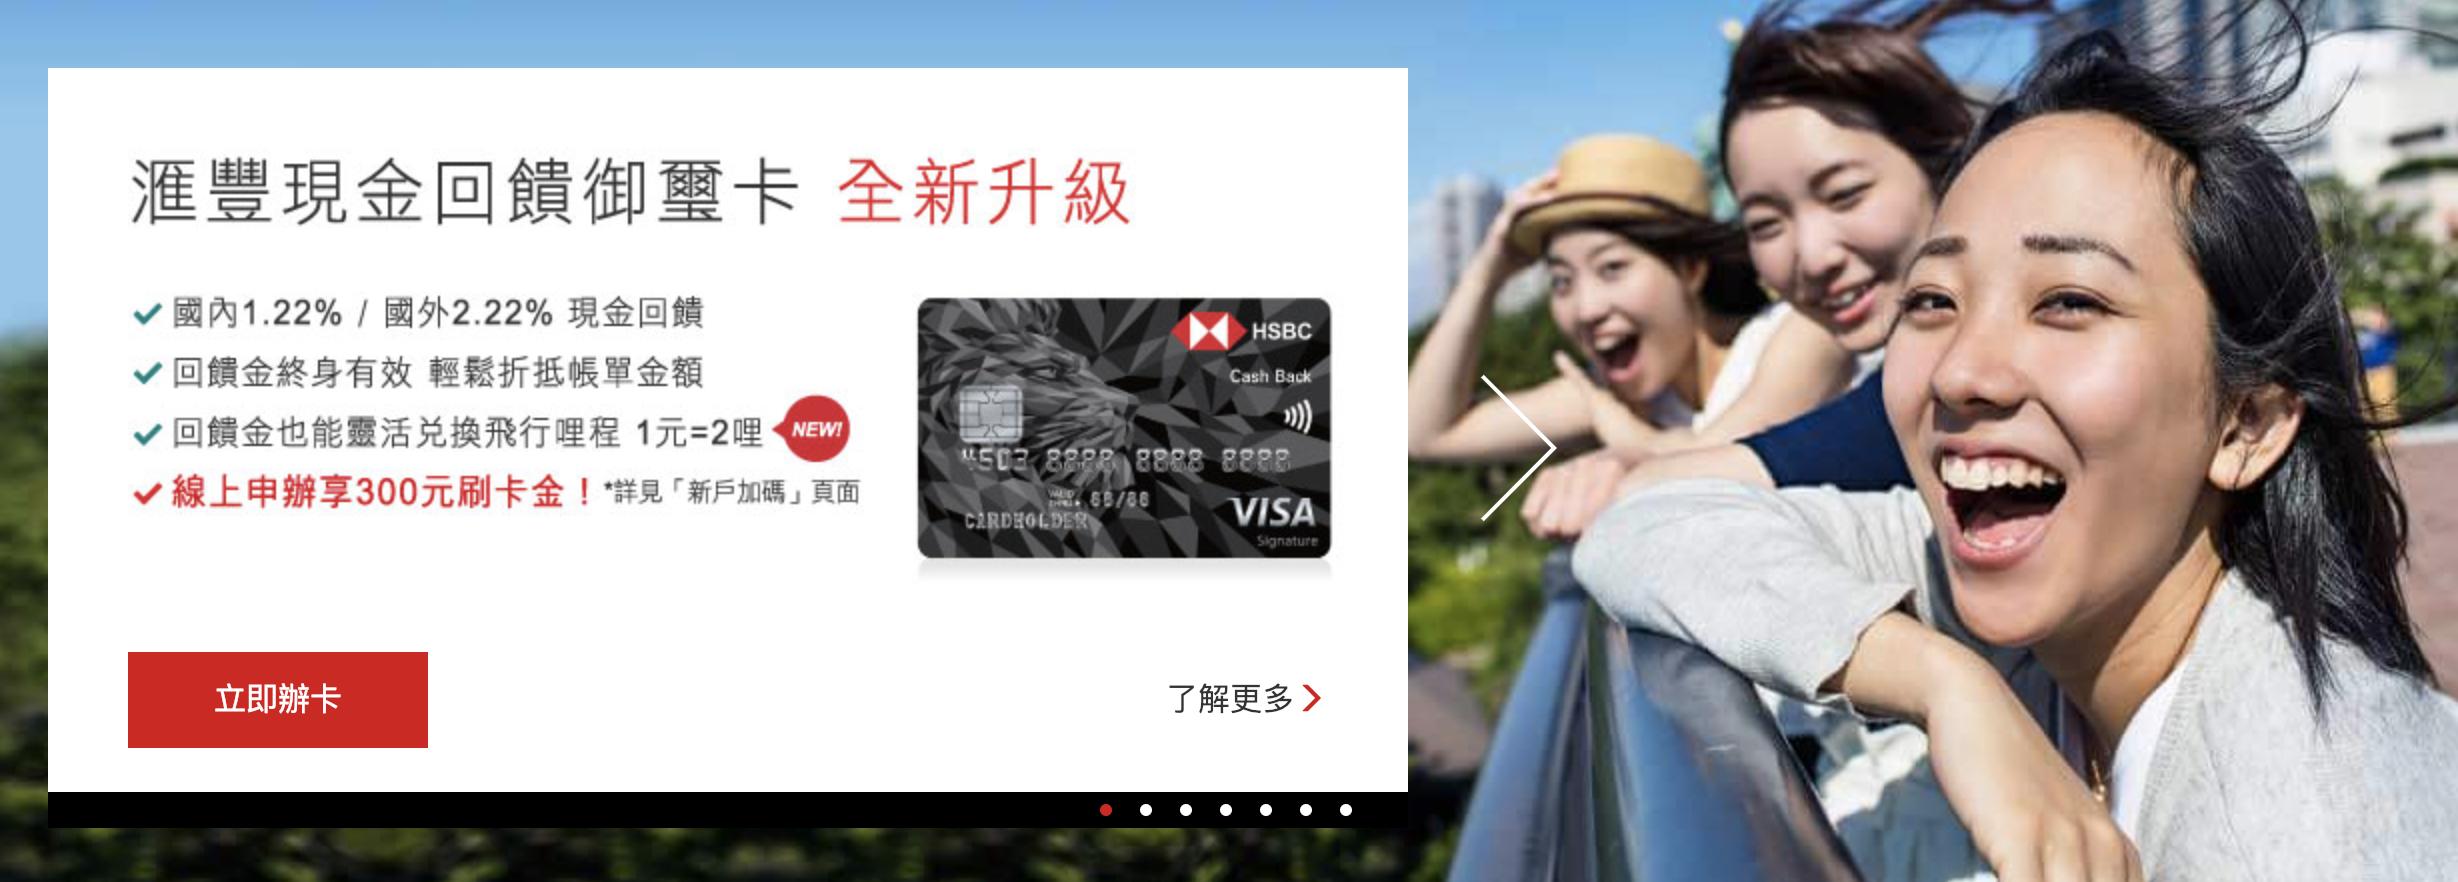 2019信用卡攻略|出國旅遊 網購 實體通路購物,小資族如何刷最划算